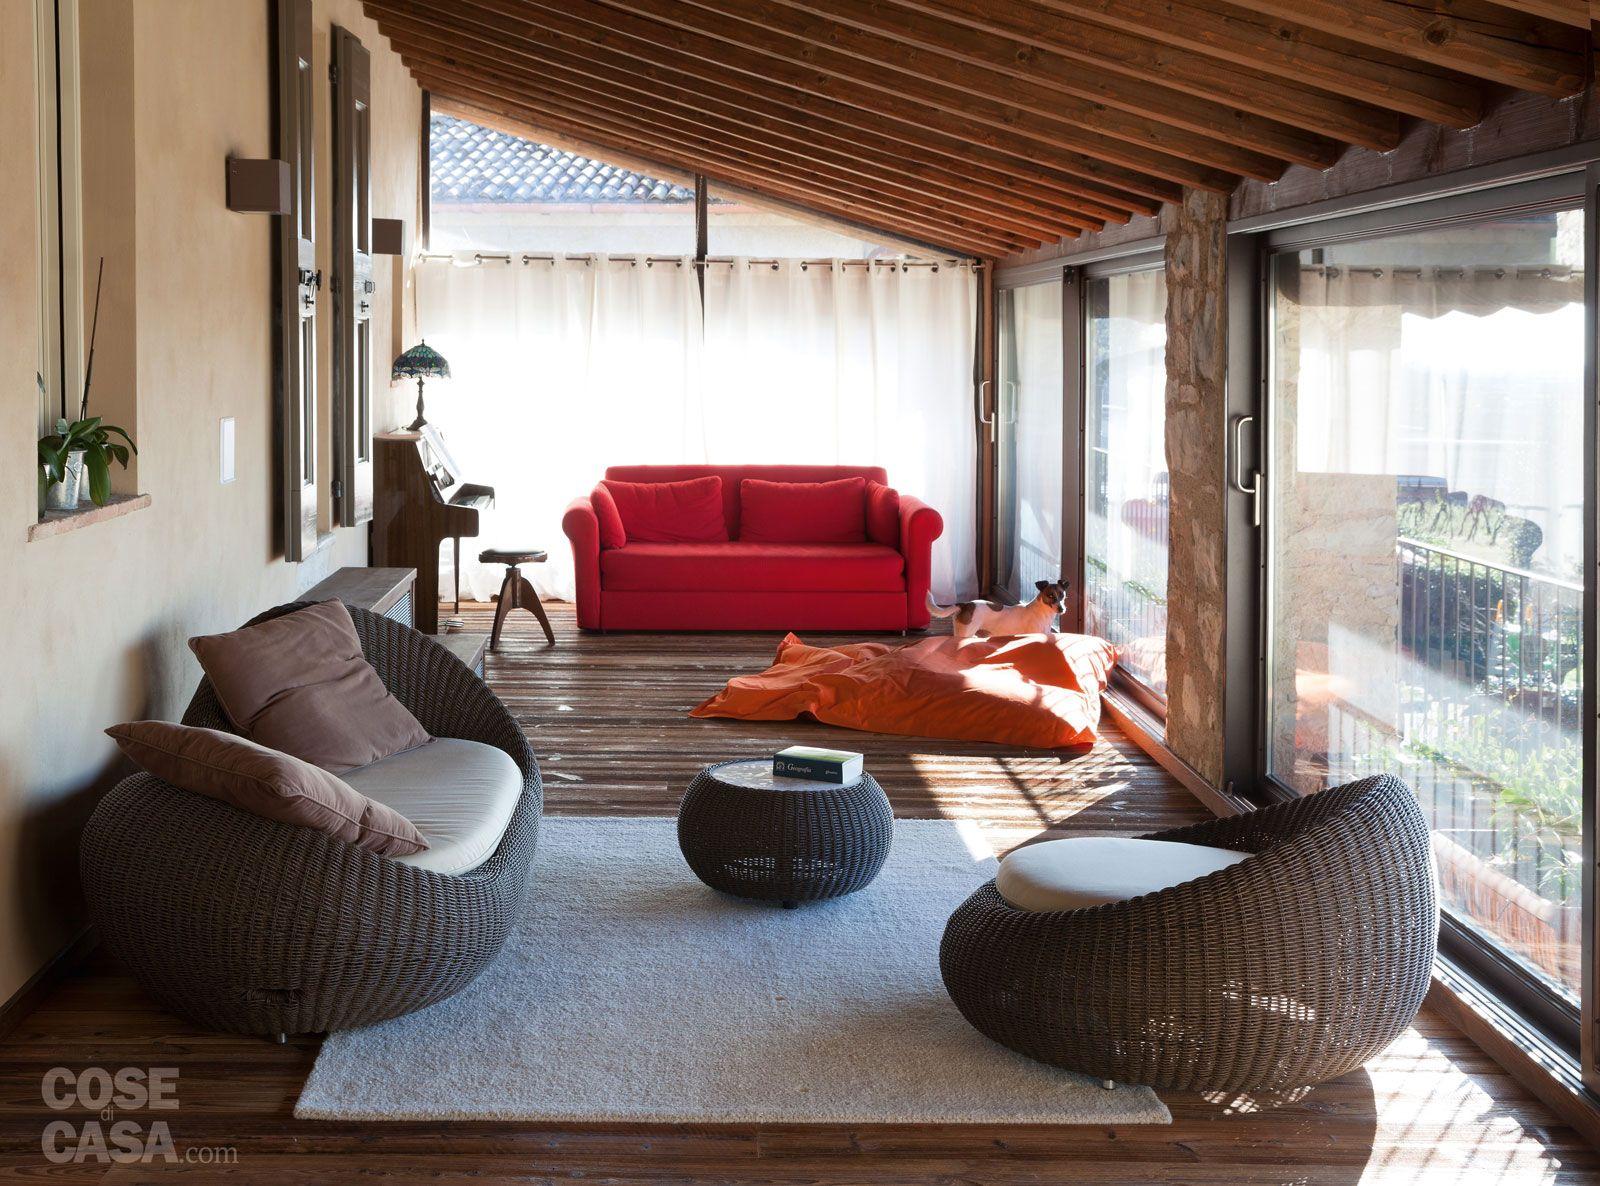 Una casa con ambienti moderni a sfondo rustico home for Ambienti interni moderni